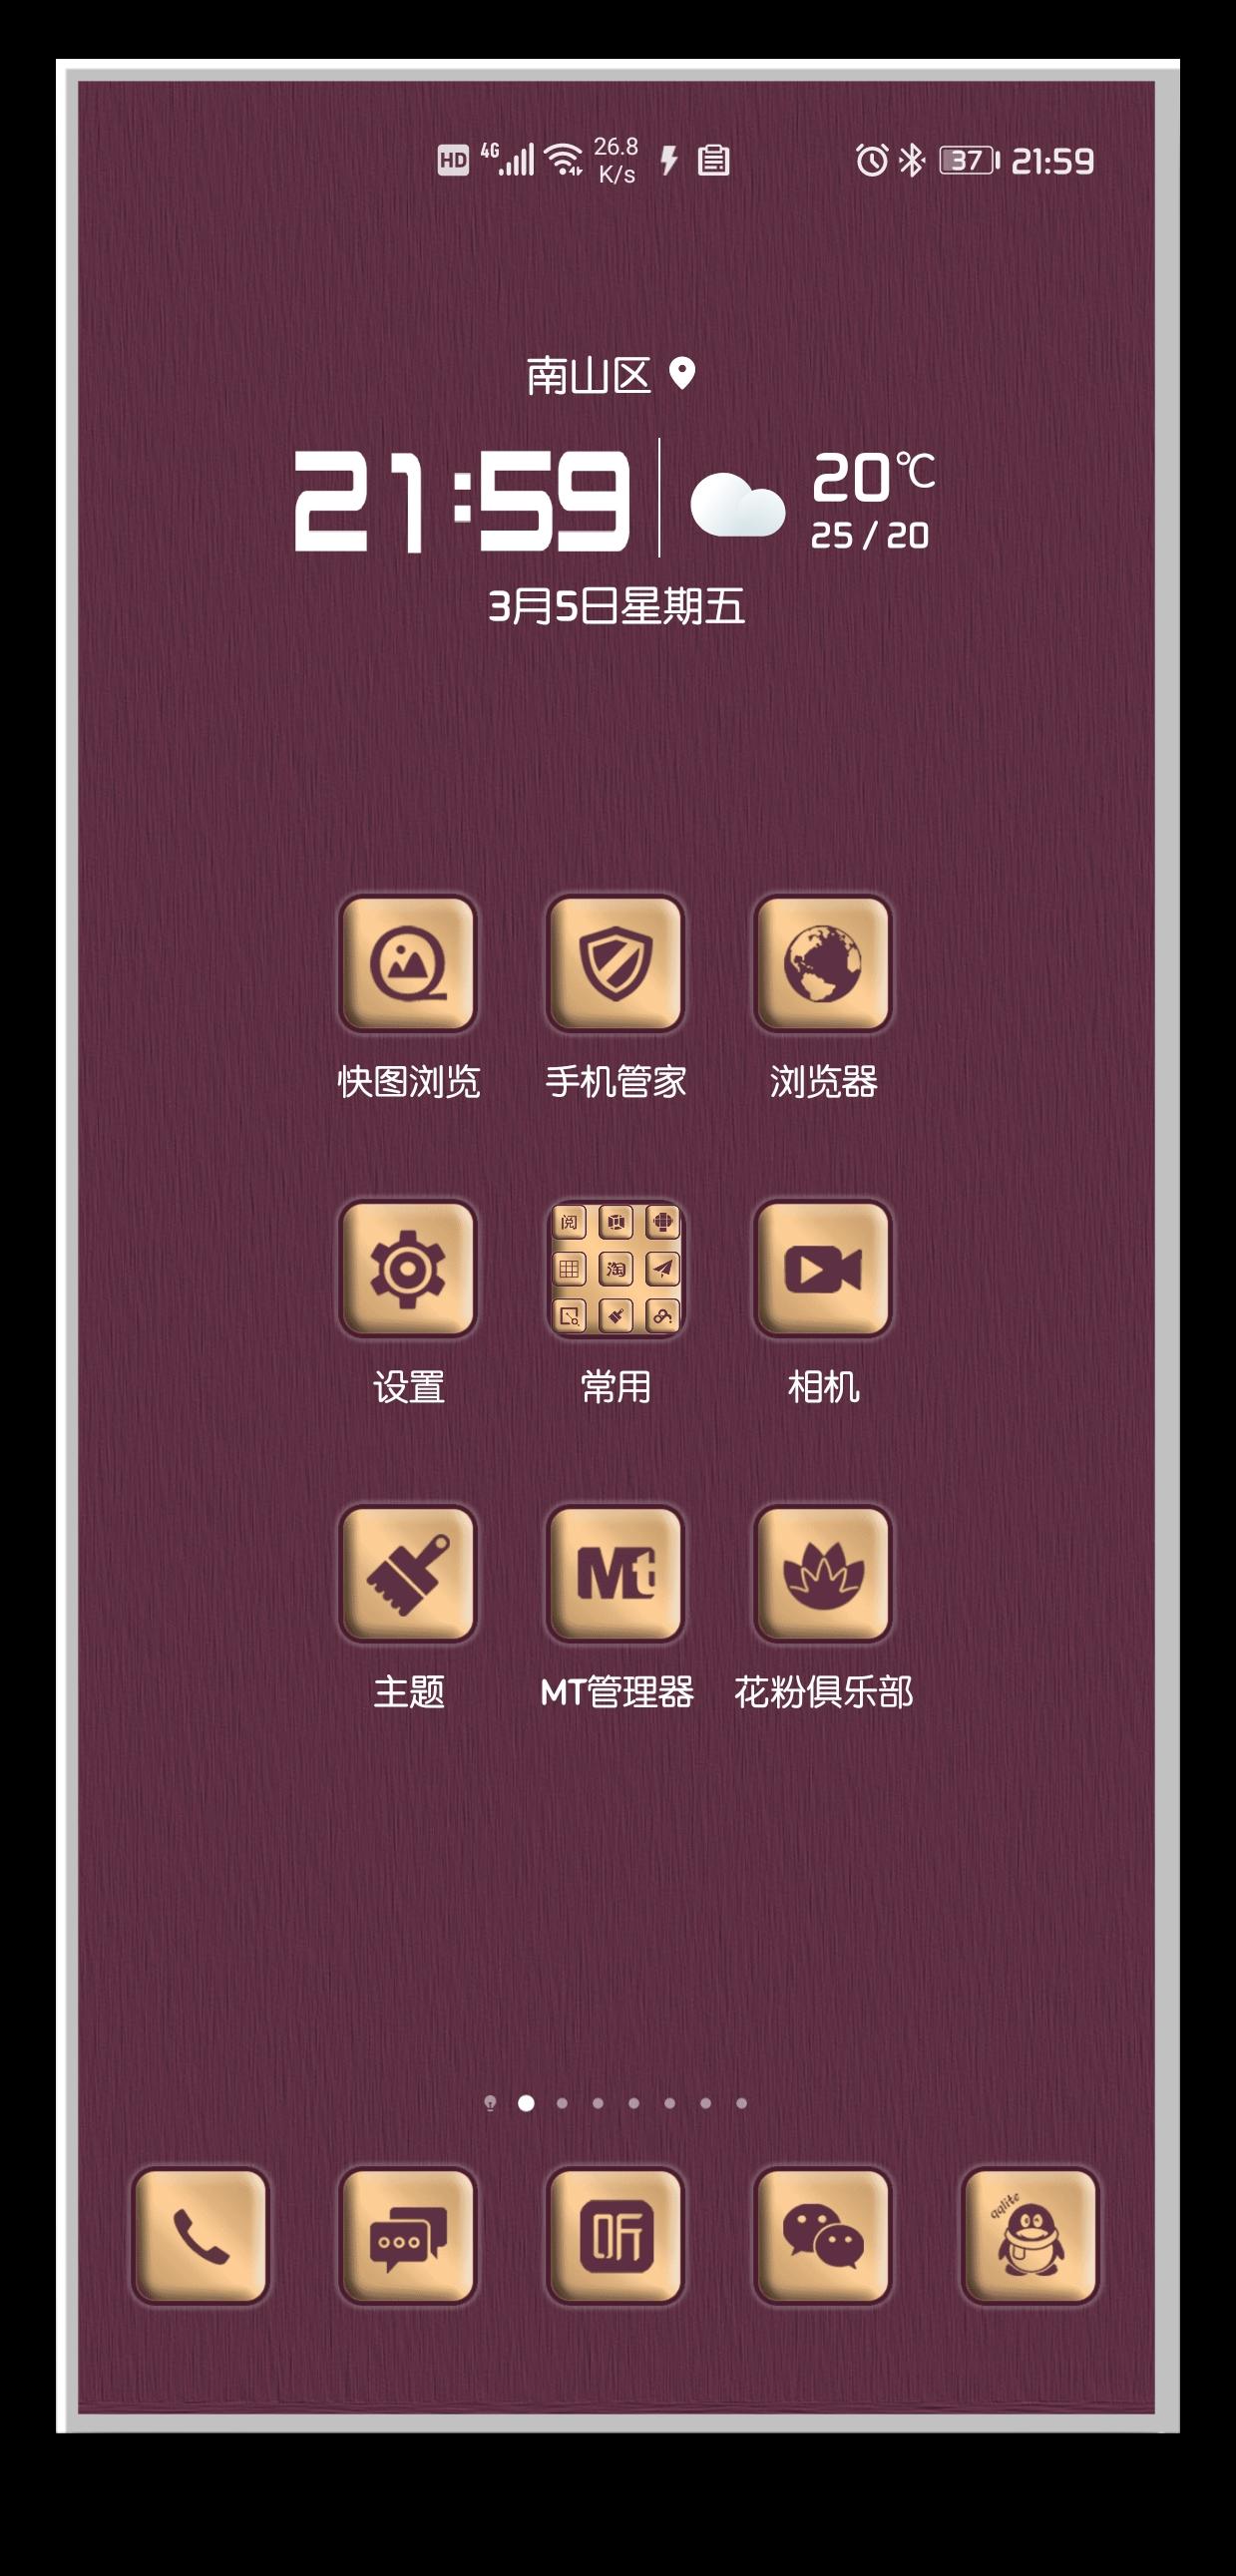 HiShoot_20210305_220245.png